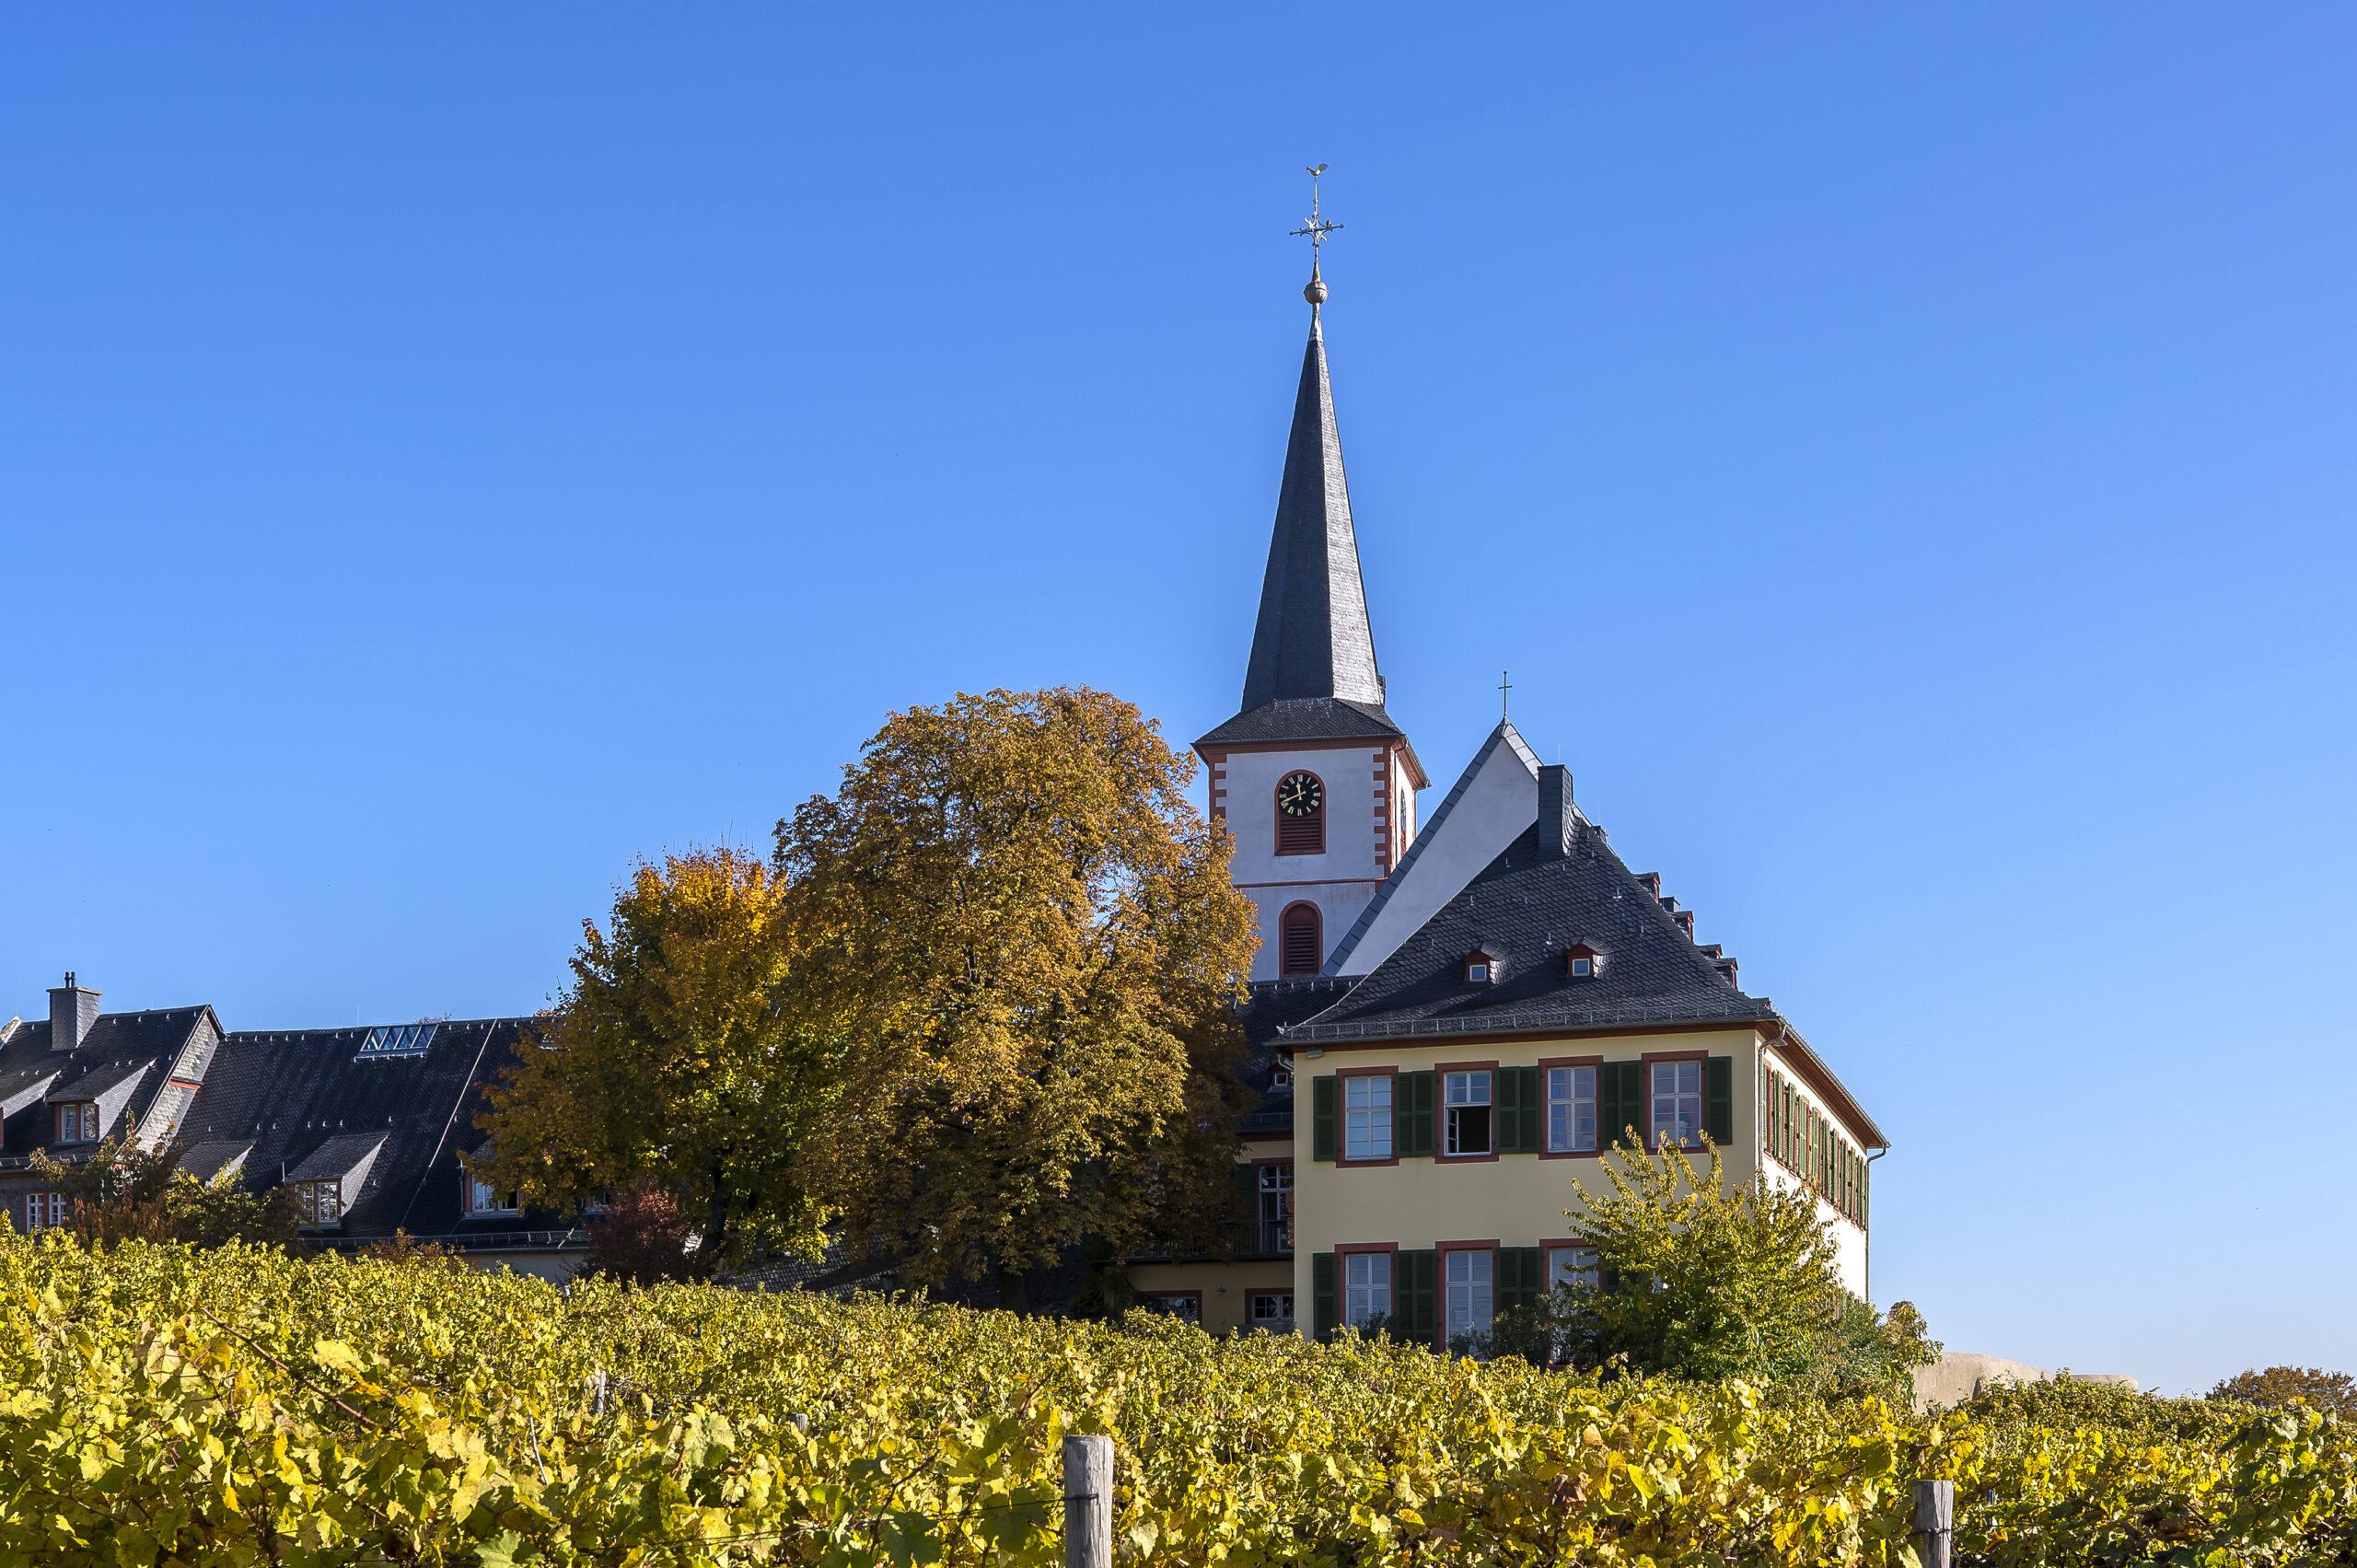 historischer Domänenhof